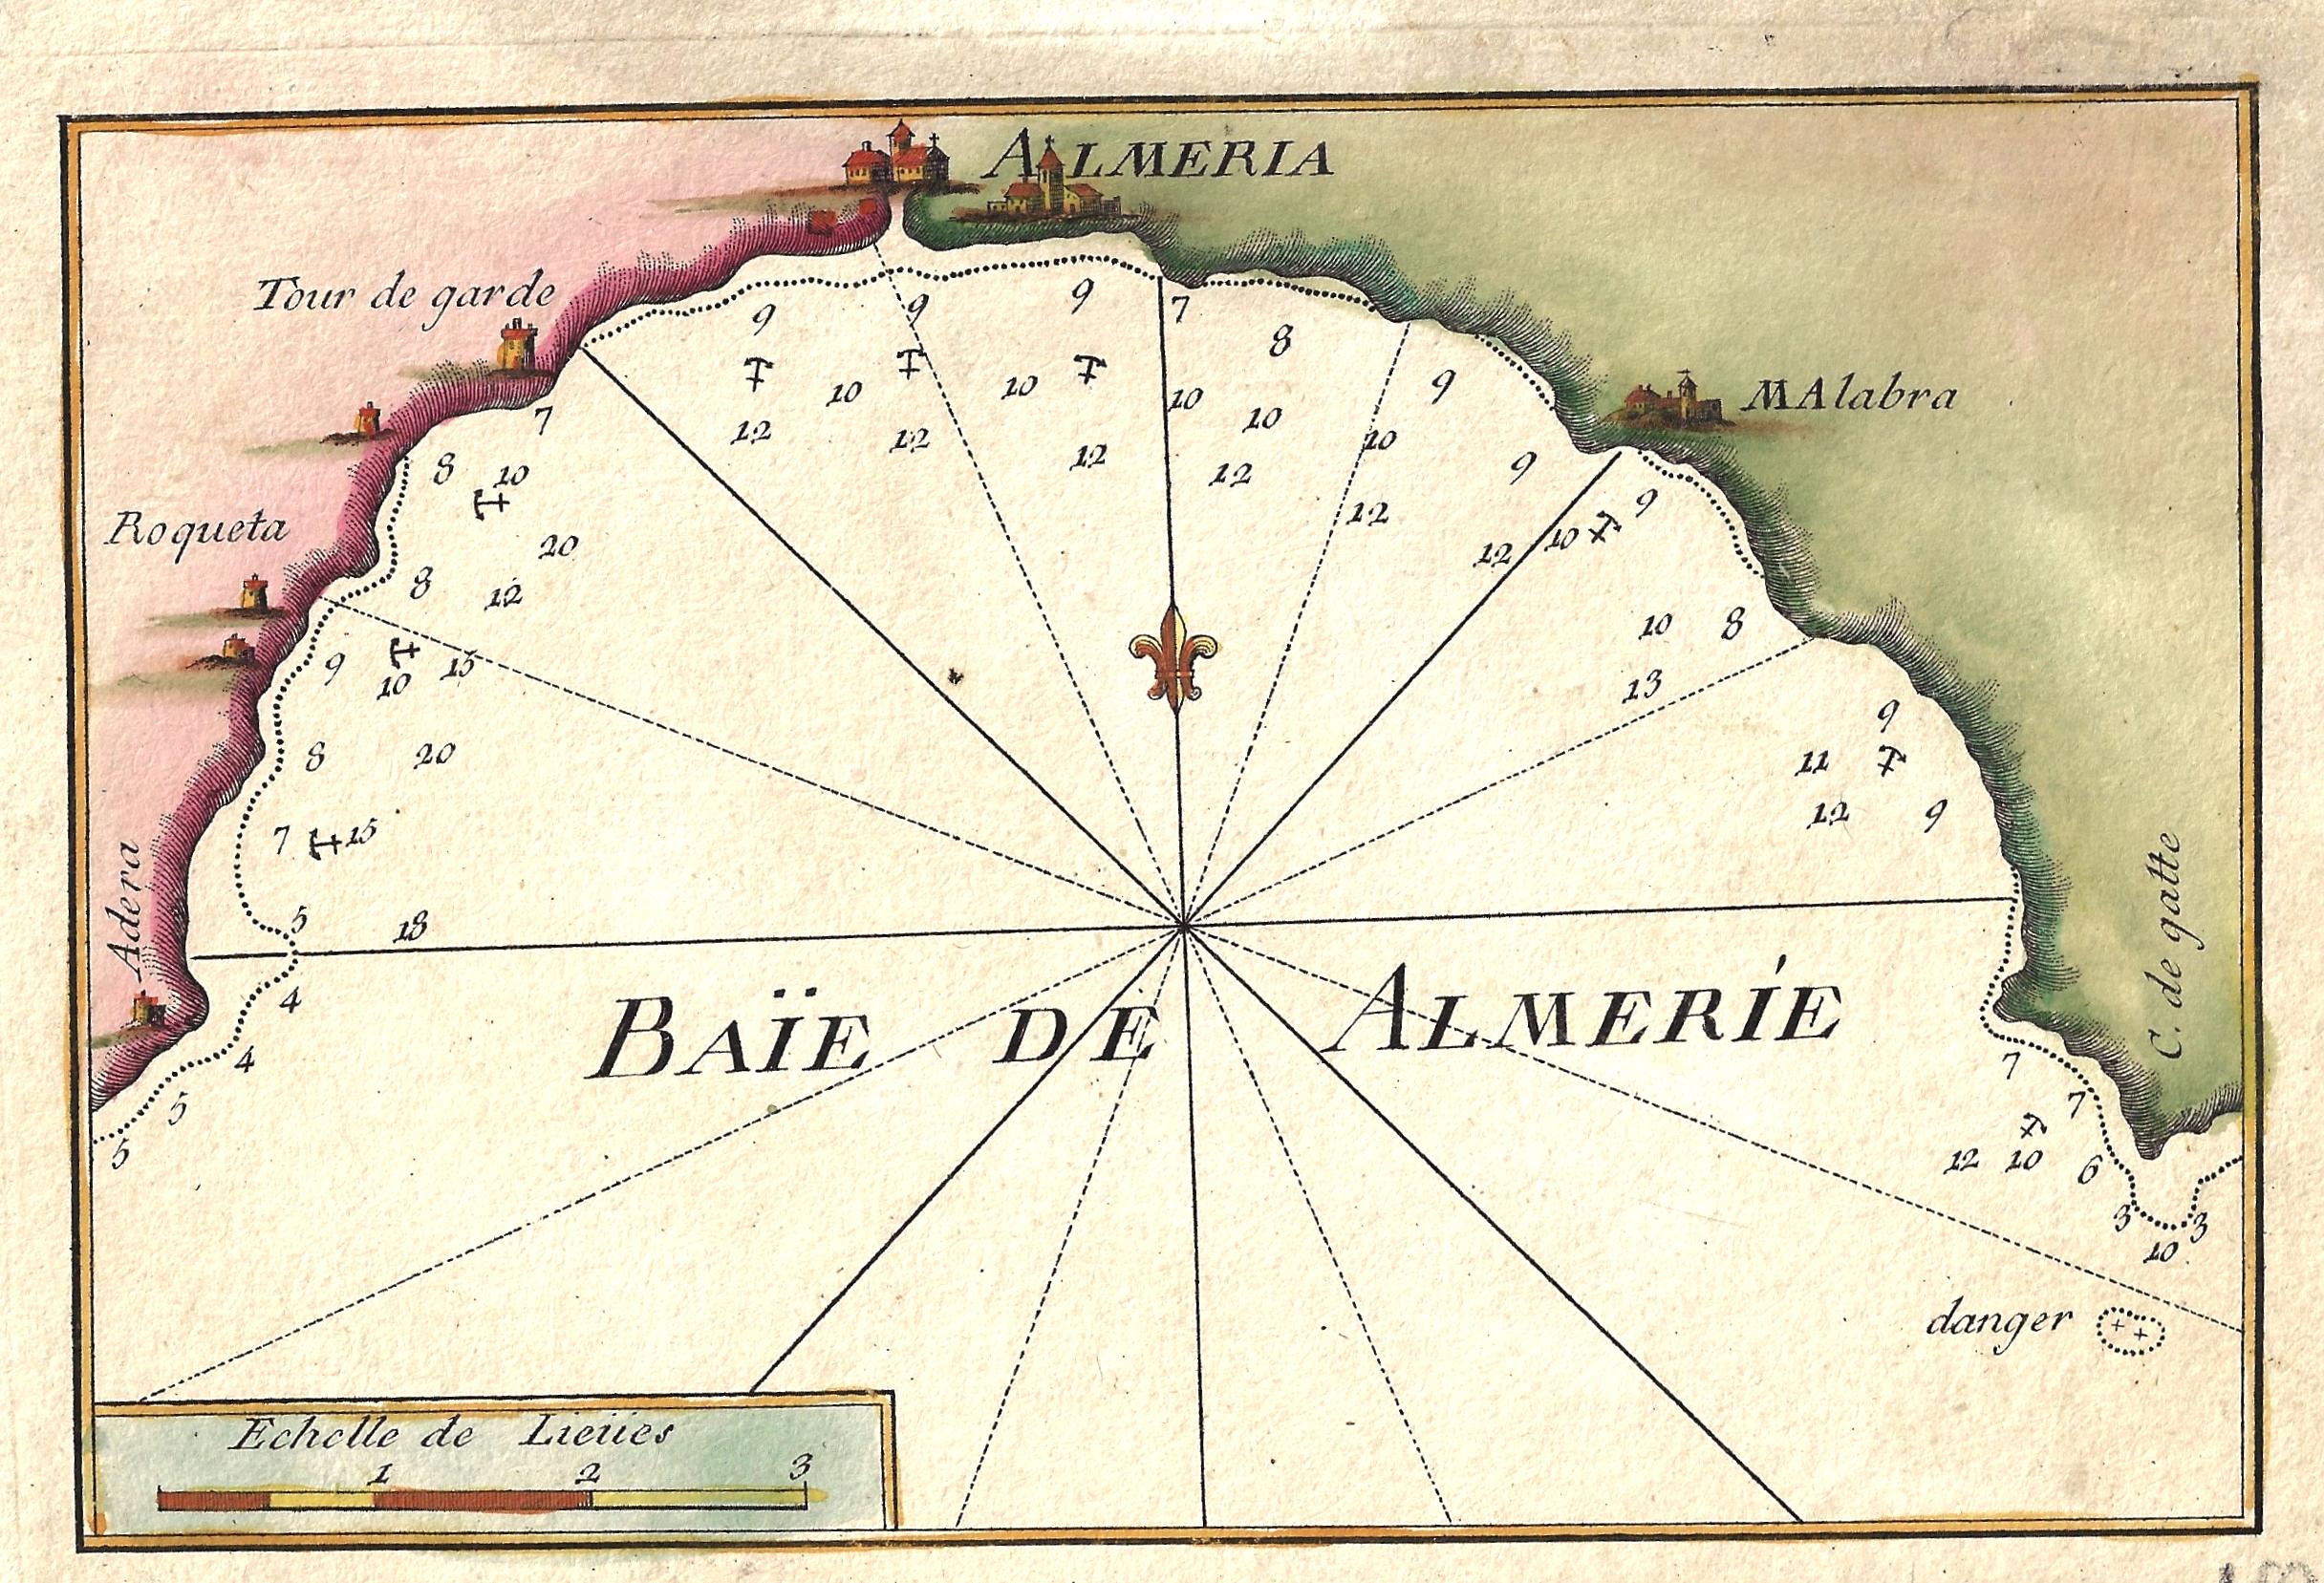 Roux  Baie de Almerie